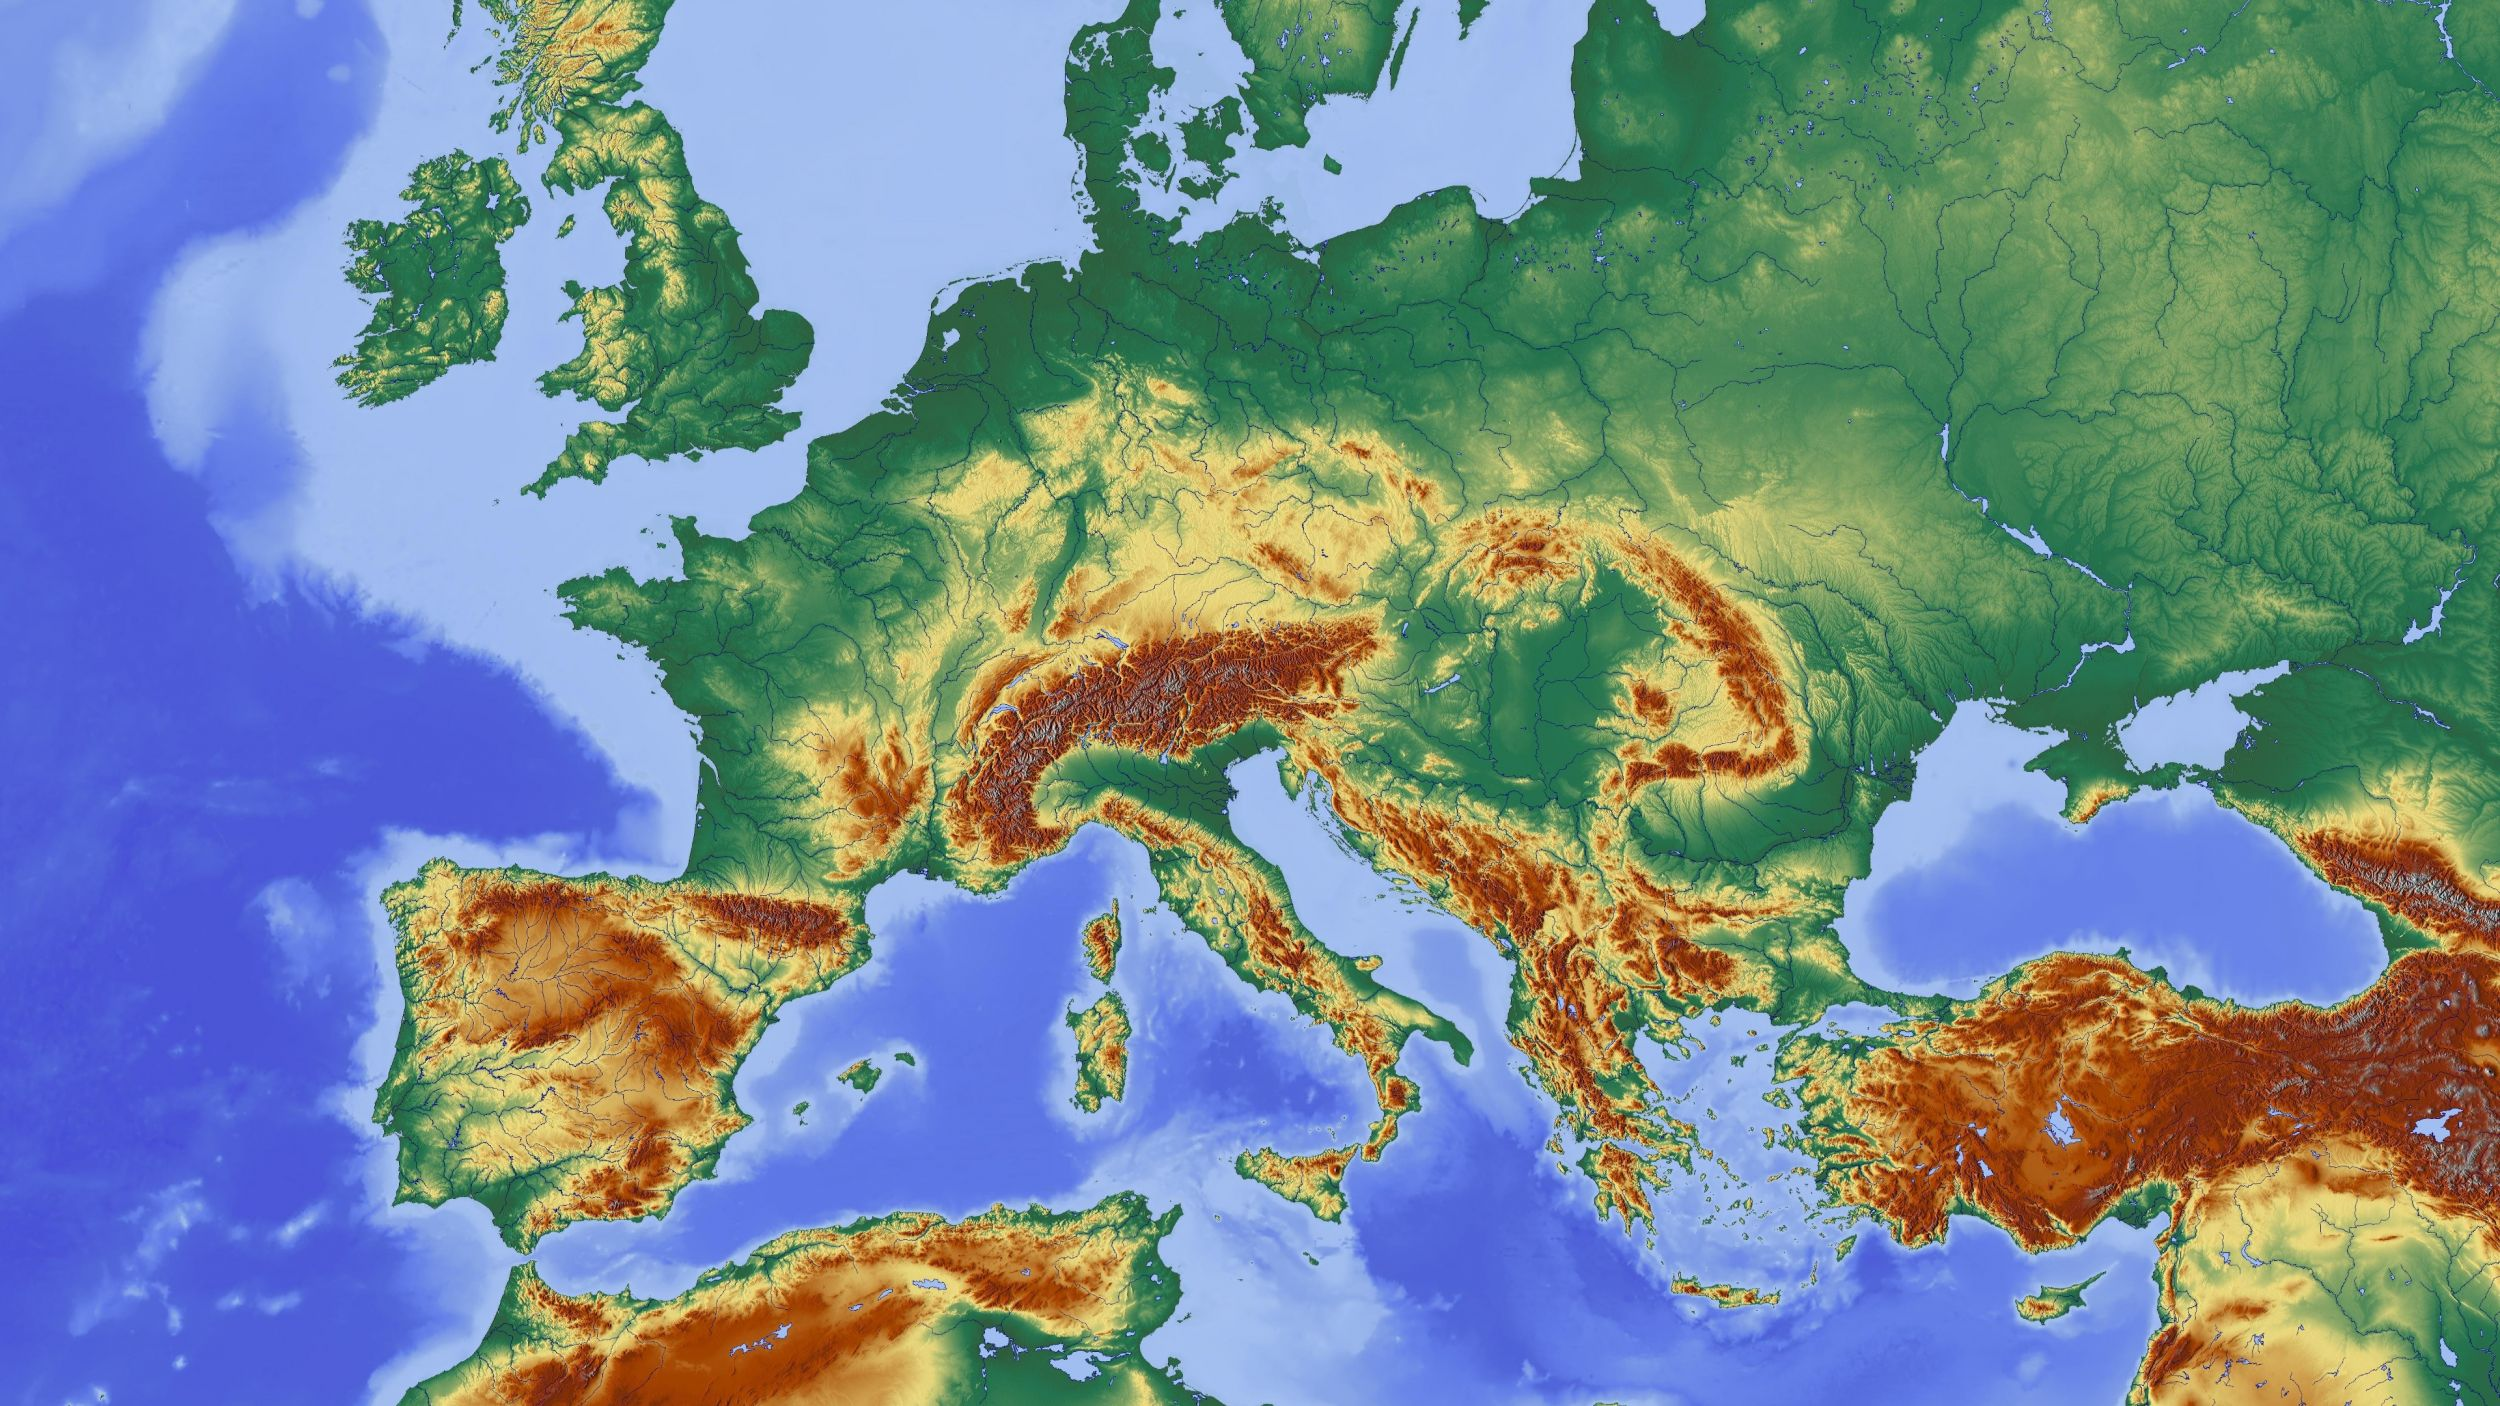 Europas Bildverarbeitung um 10% gewachsen